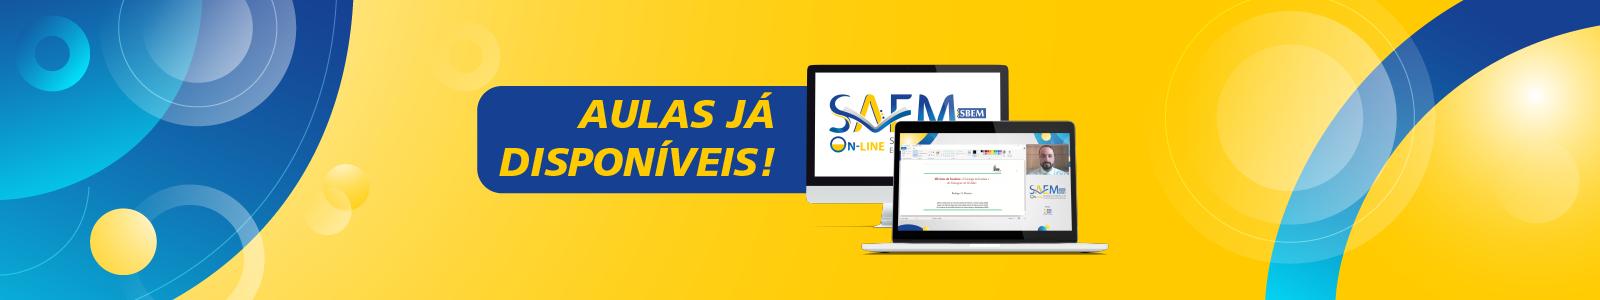 SAEM-site-banner 1 cópia 2